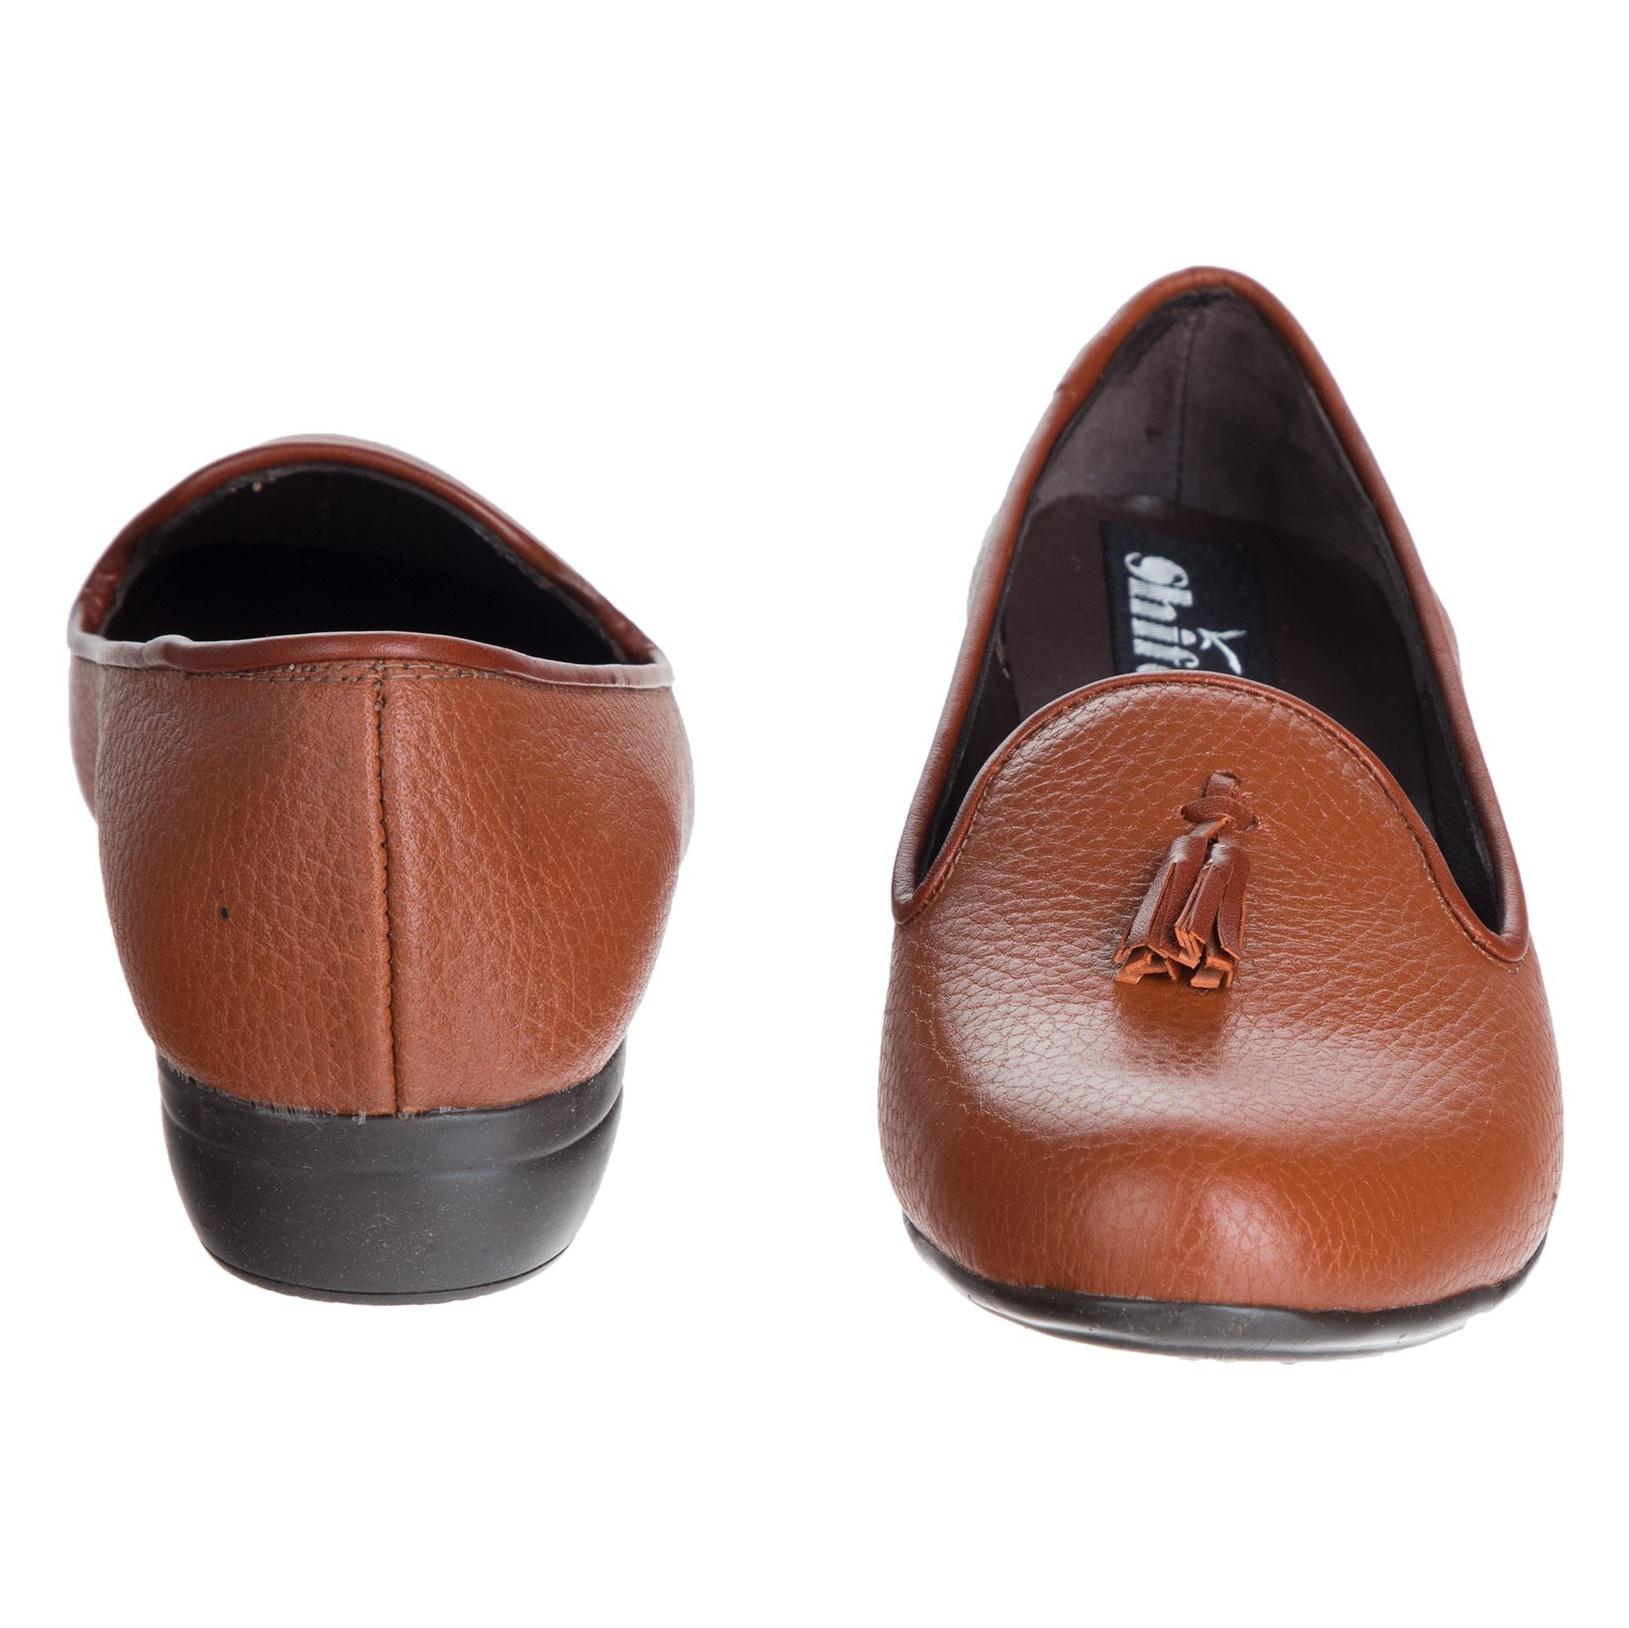 کفش تخت چرم زنانه - شیفر - عسلی - 5